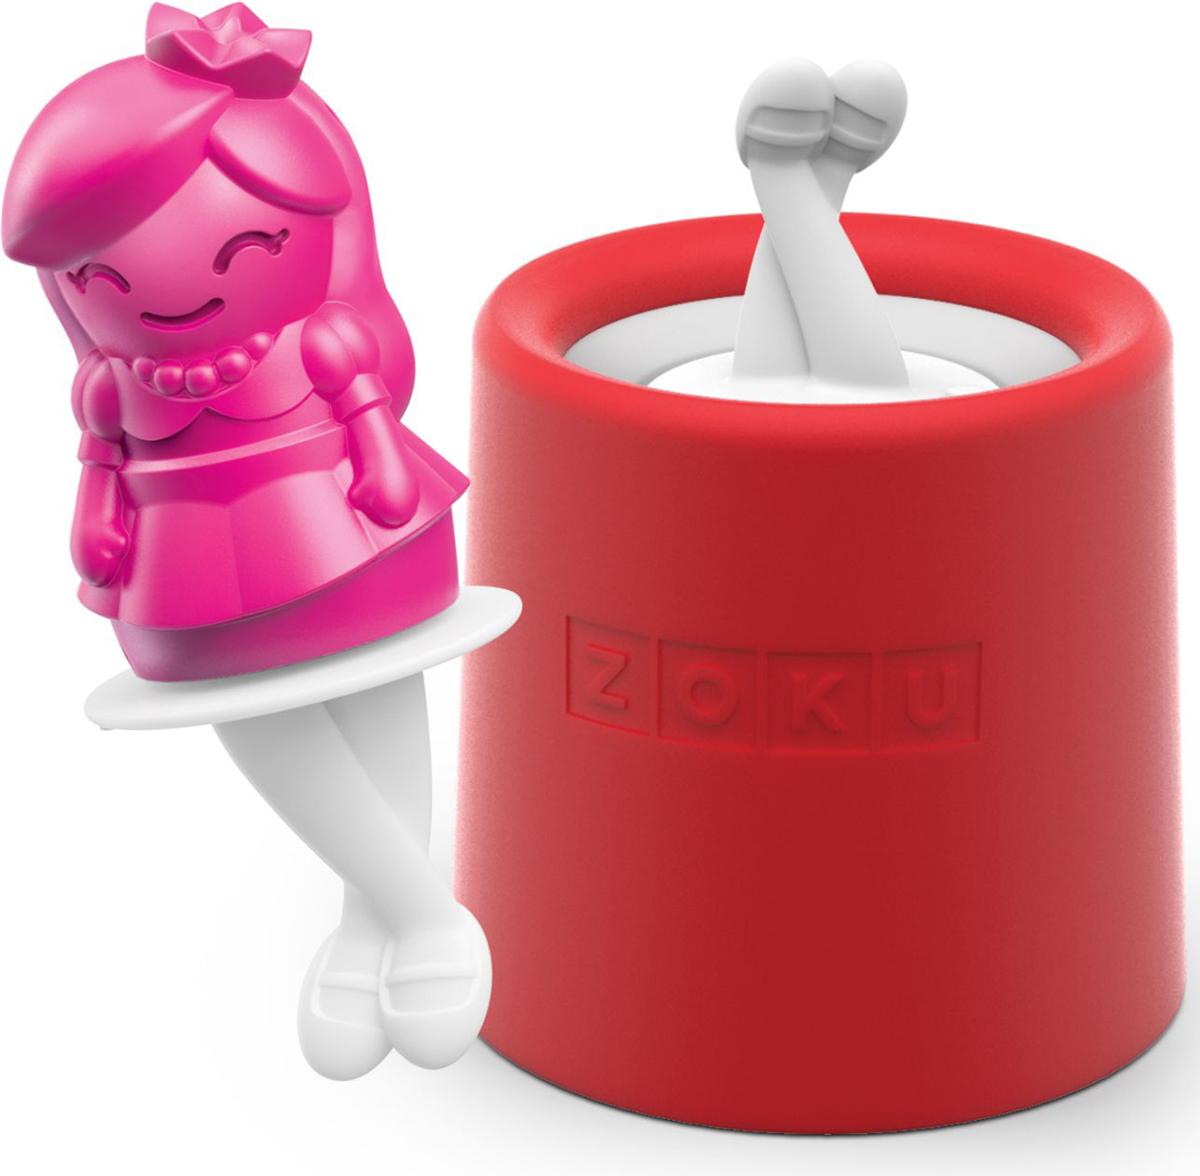 Форма для мороженого Zoku Princess, 45 мл. ZK123-015ZK123-015Уникальная коллекция формочек для мороженого включает в себя 8 разных фигурок, с помощью которых вы сможете готовить вкусные и полезные домашние десерты. Теперь каждому члену семьи достанется свой персонаж, и не придется путаться в том, кому и какое лакомство принадлежит. Для приготовления мороженого залейте жидкость в форму до отметки и вставьте внутрь палочку. Оставьте в морозильной камере на восемь и более часов. Когда продукт готов, просто вытащите палочку и наслаждайтесь натуральным десертом собственного приготовления. Объем - 45 мл. Форма не содержит вредных примесей и бисфенола-А. Моется вручную.